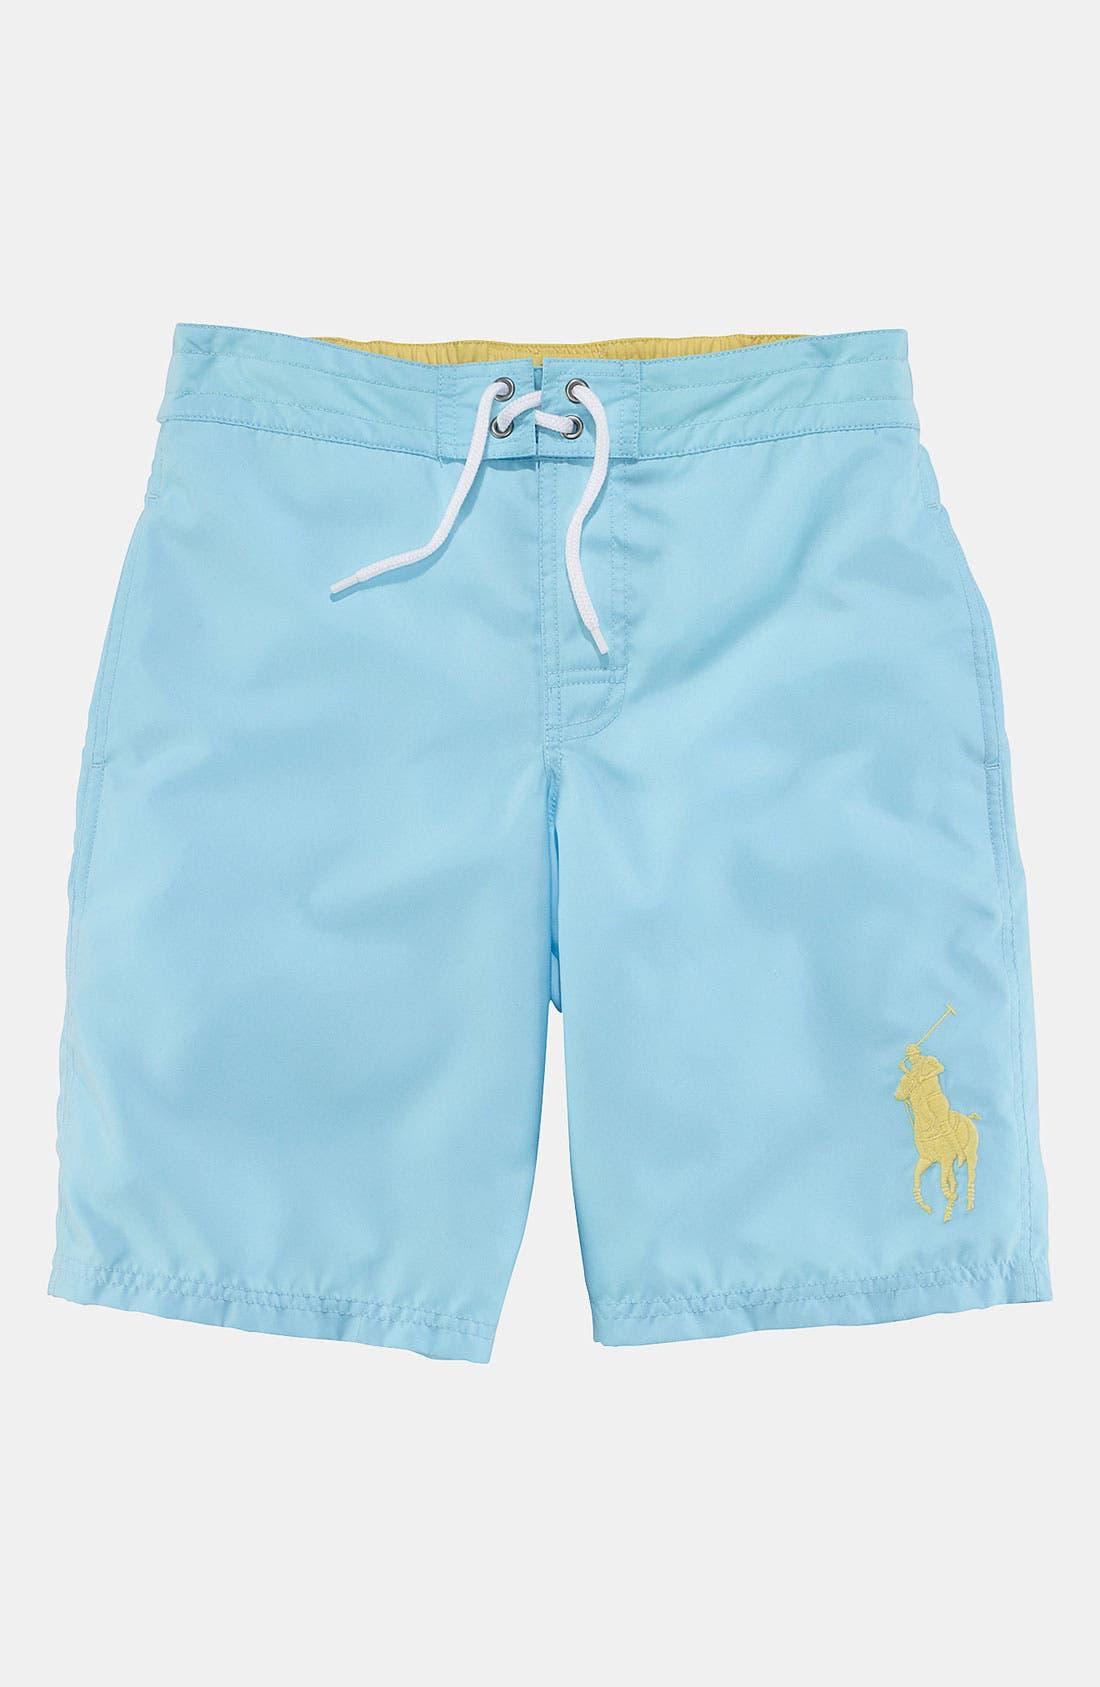 Alternate Image 1 Selected - Ralph Lauren Swim Trunks (Toddler)